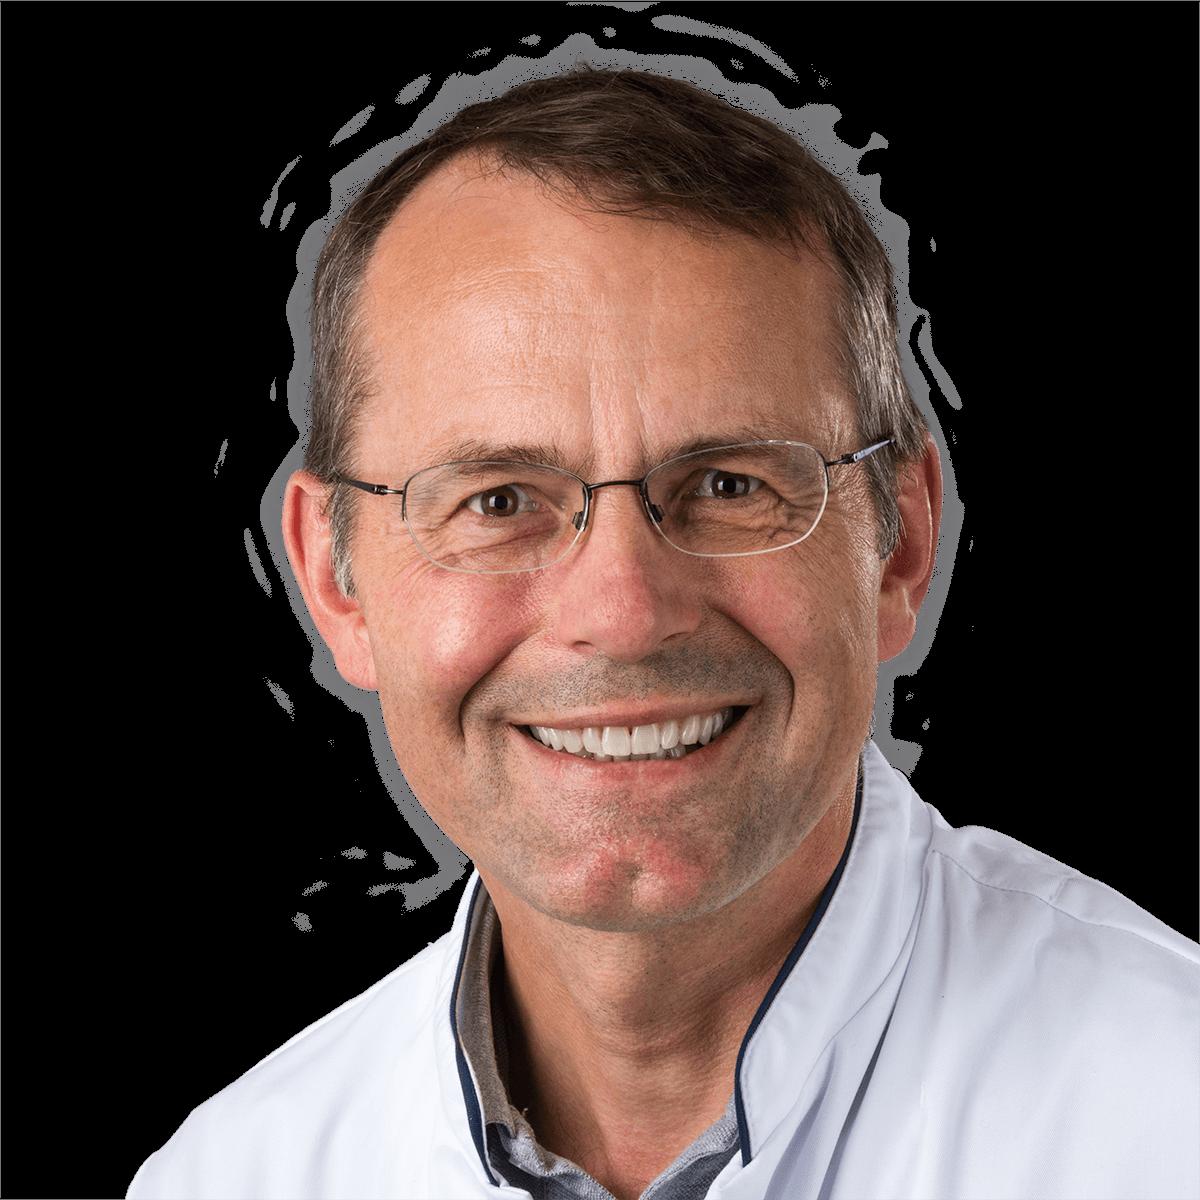 Prof. Dr. H. van Santbrink